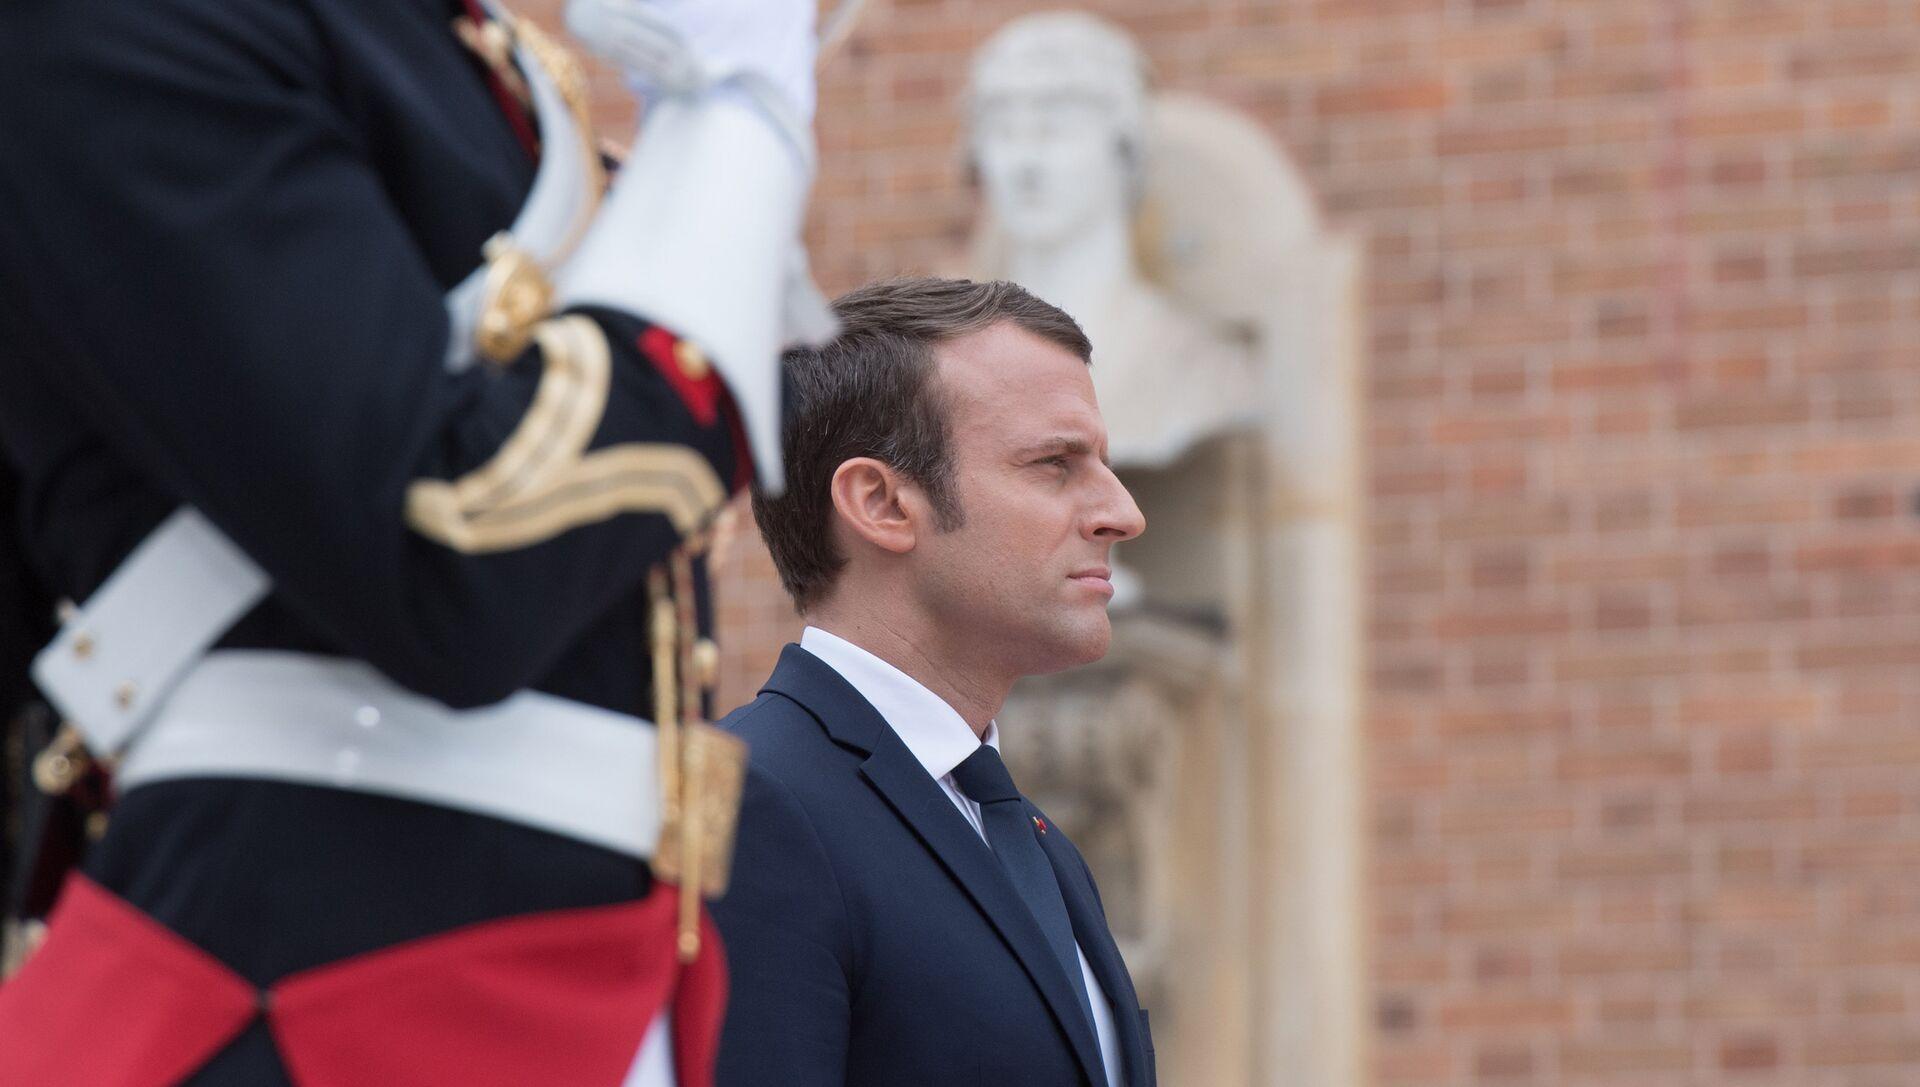 Президент Франции Эммануэль Макрон. Архивное фото - РИА Новости, 1920, 30.05.2017